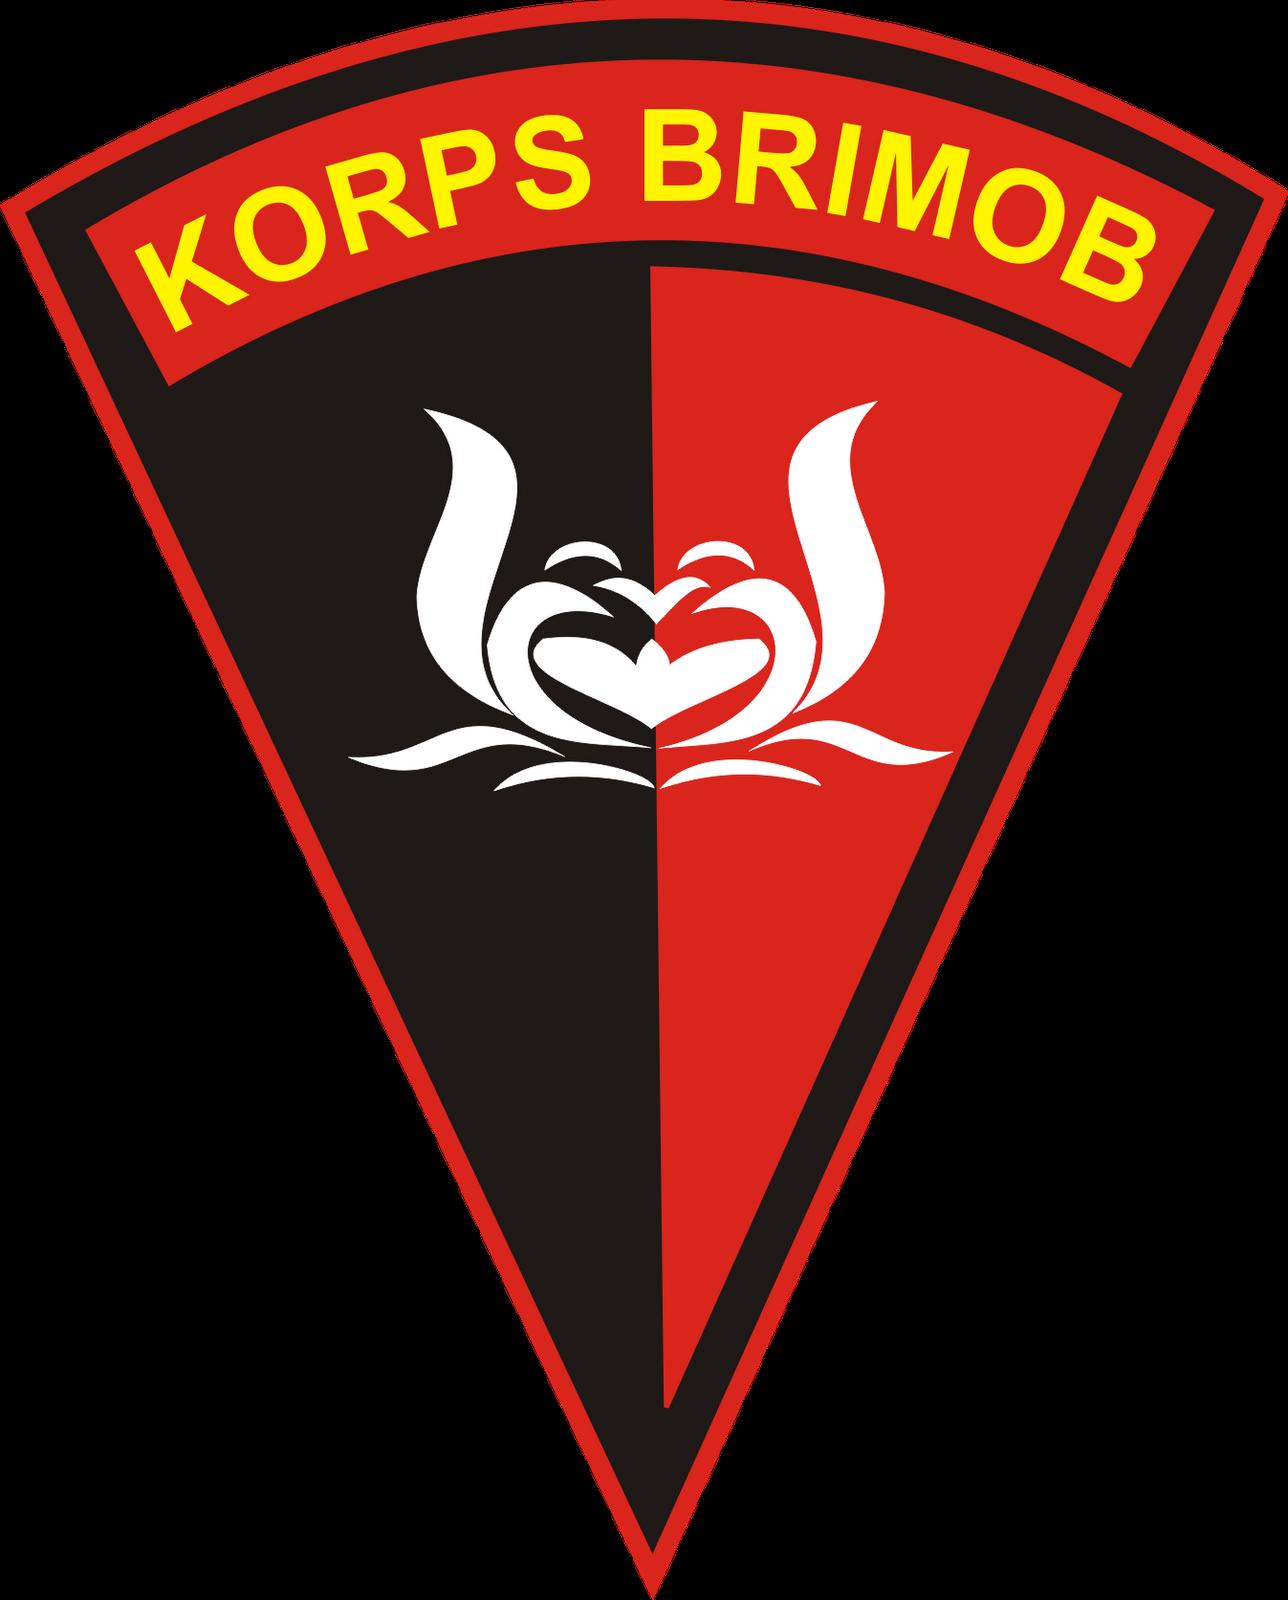 Logo Brimob Vector : brimob, vector, Brimob, Polisi,, Pasukan, Khusus,, Pernikahan, Militer